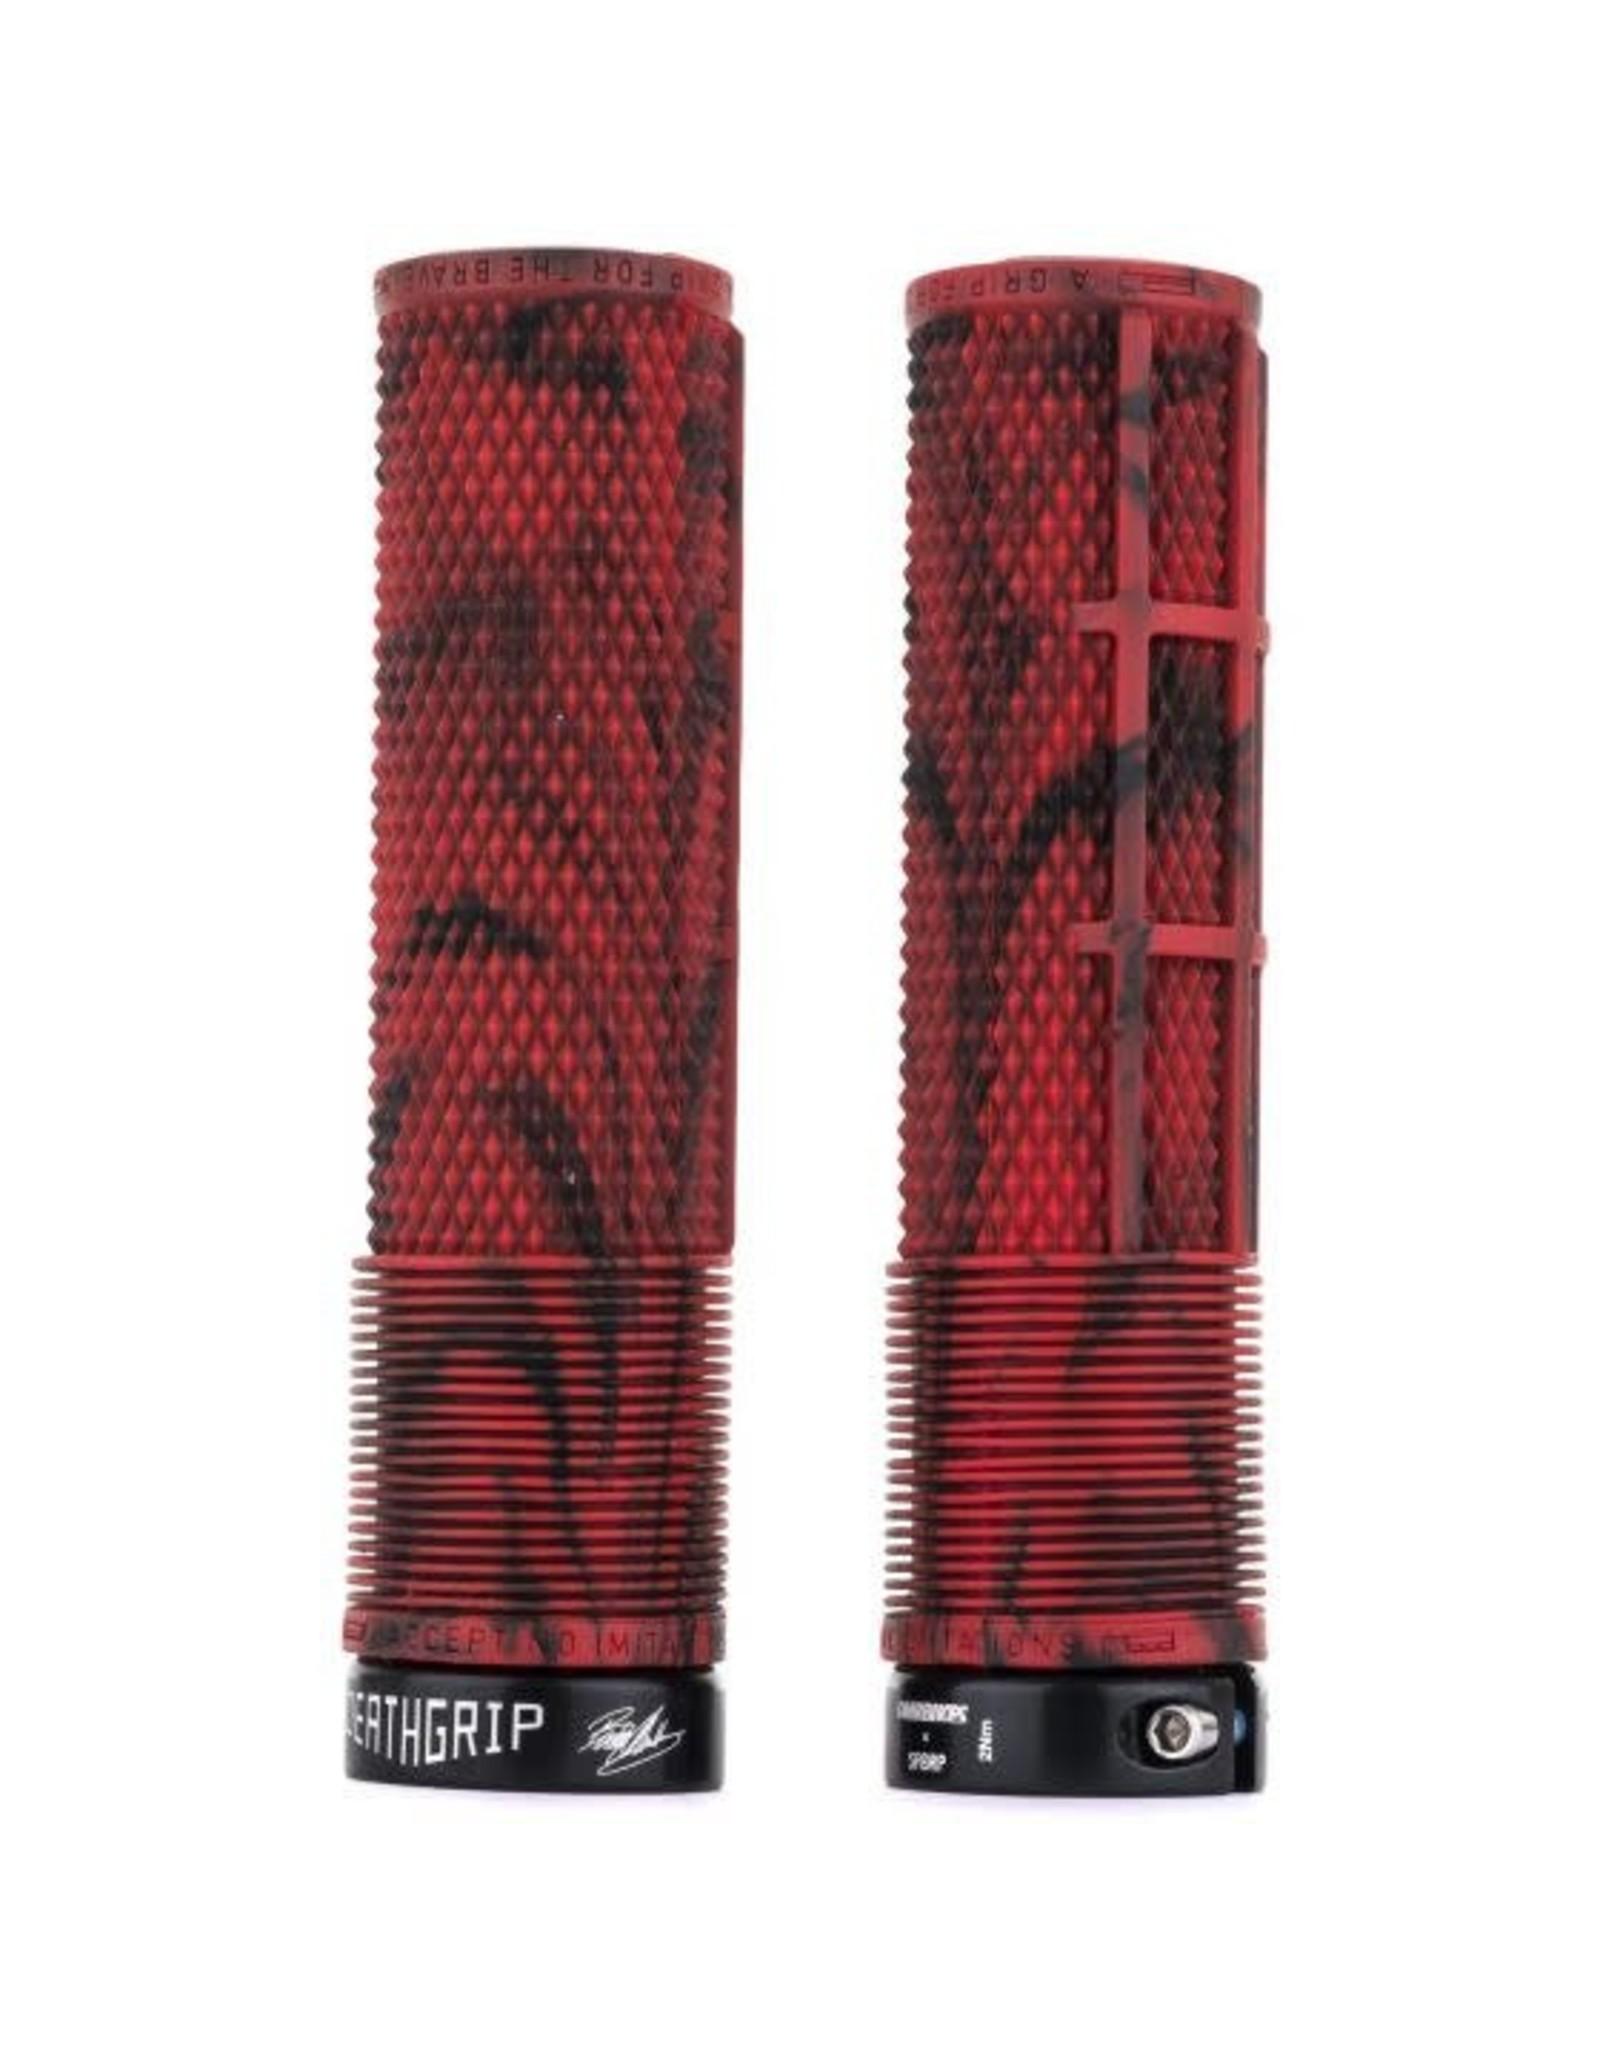 DMR - BRENDOG DeathGrip - Thin - Marble Red